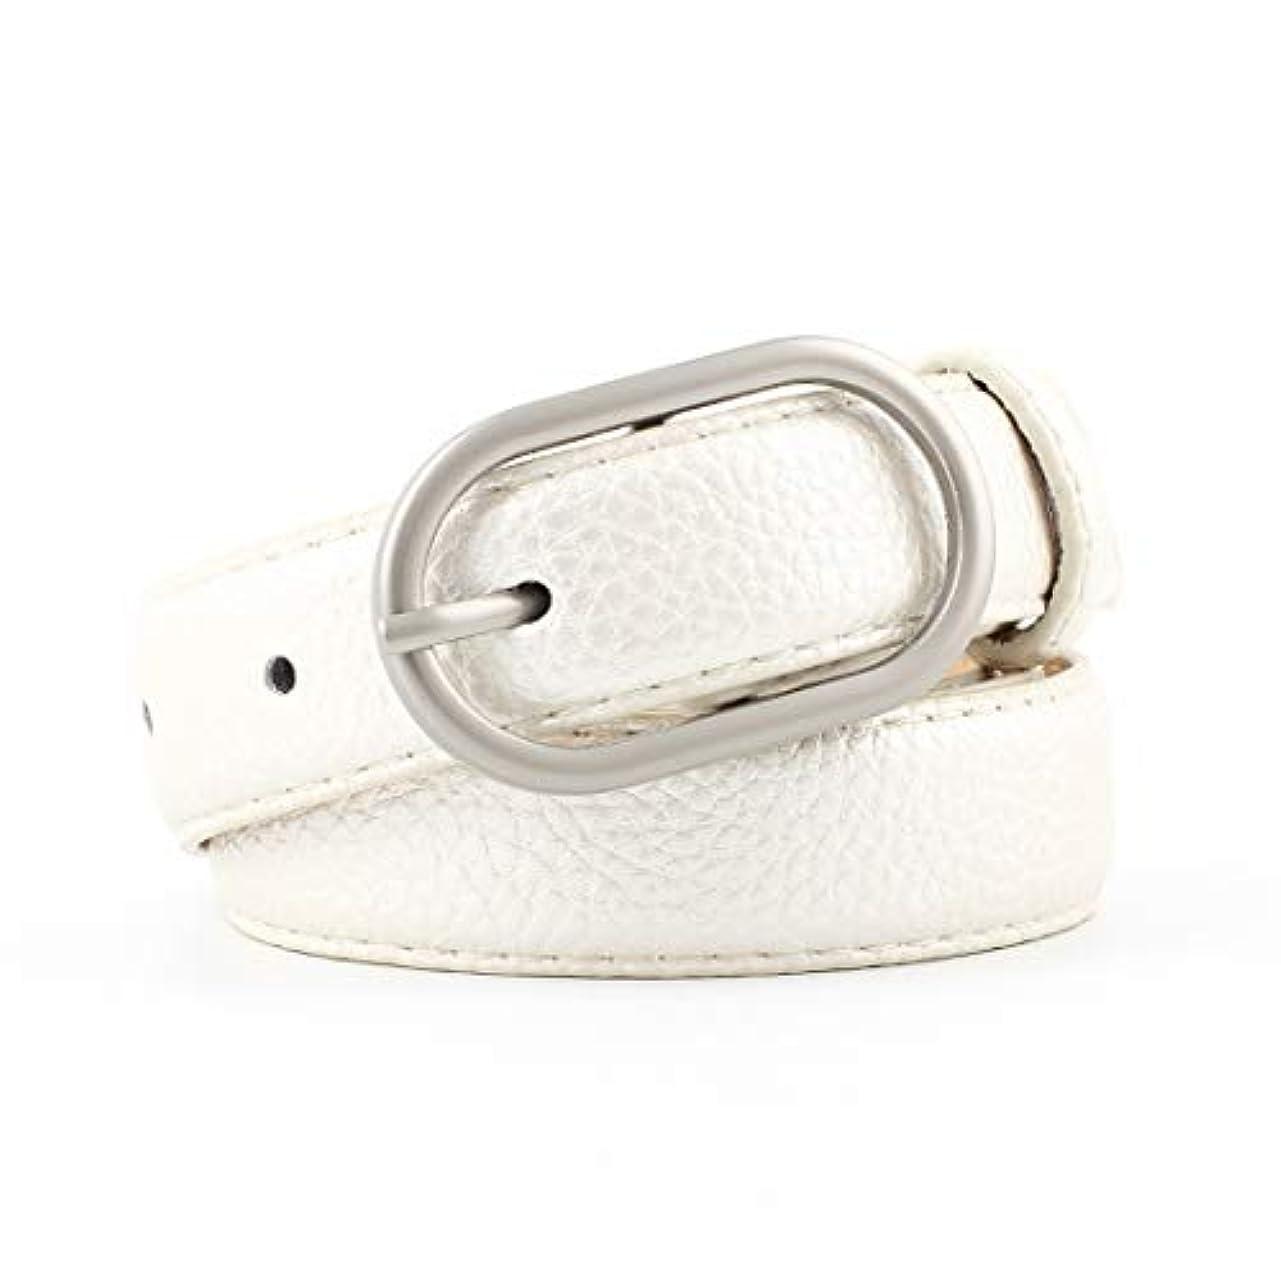 チーター寝る絶妙JOYS CLOTHING メタルバックルベルト付きジーンズ用女性カジュアルドレスベルト (Color : White)